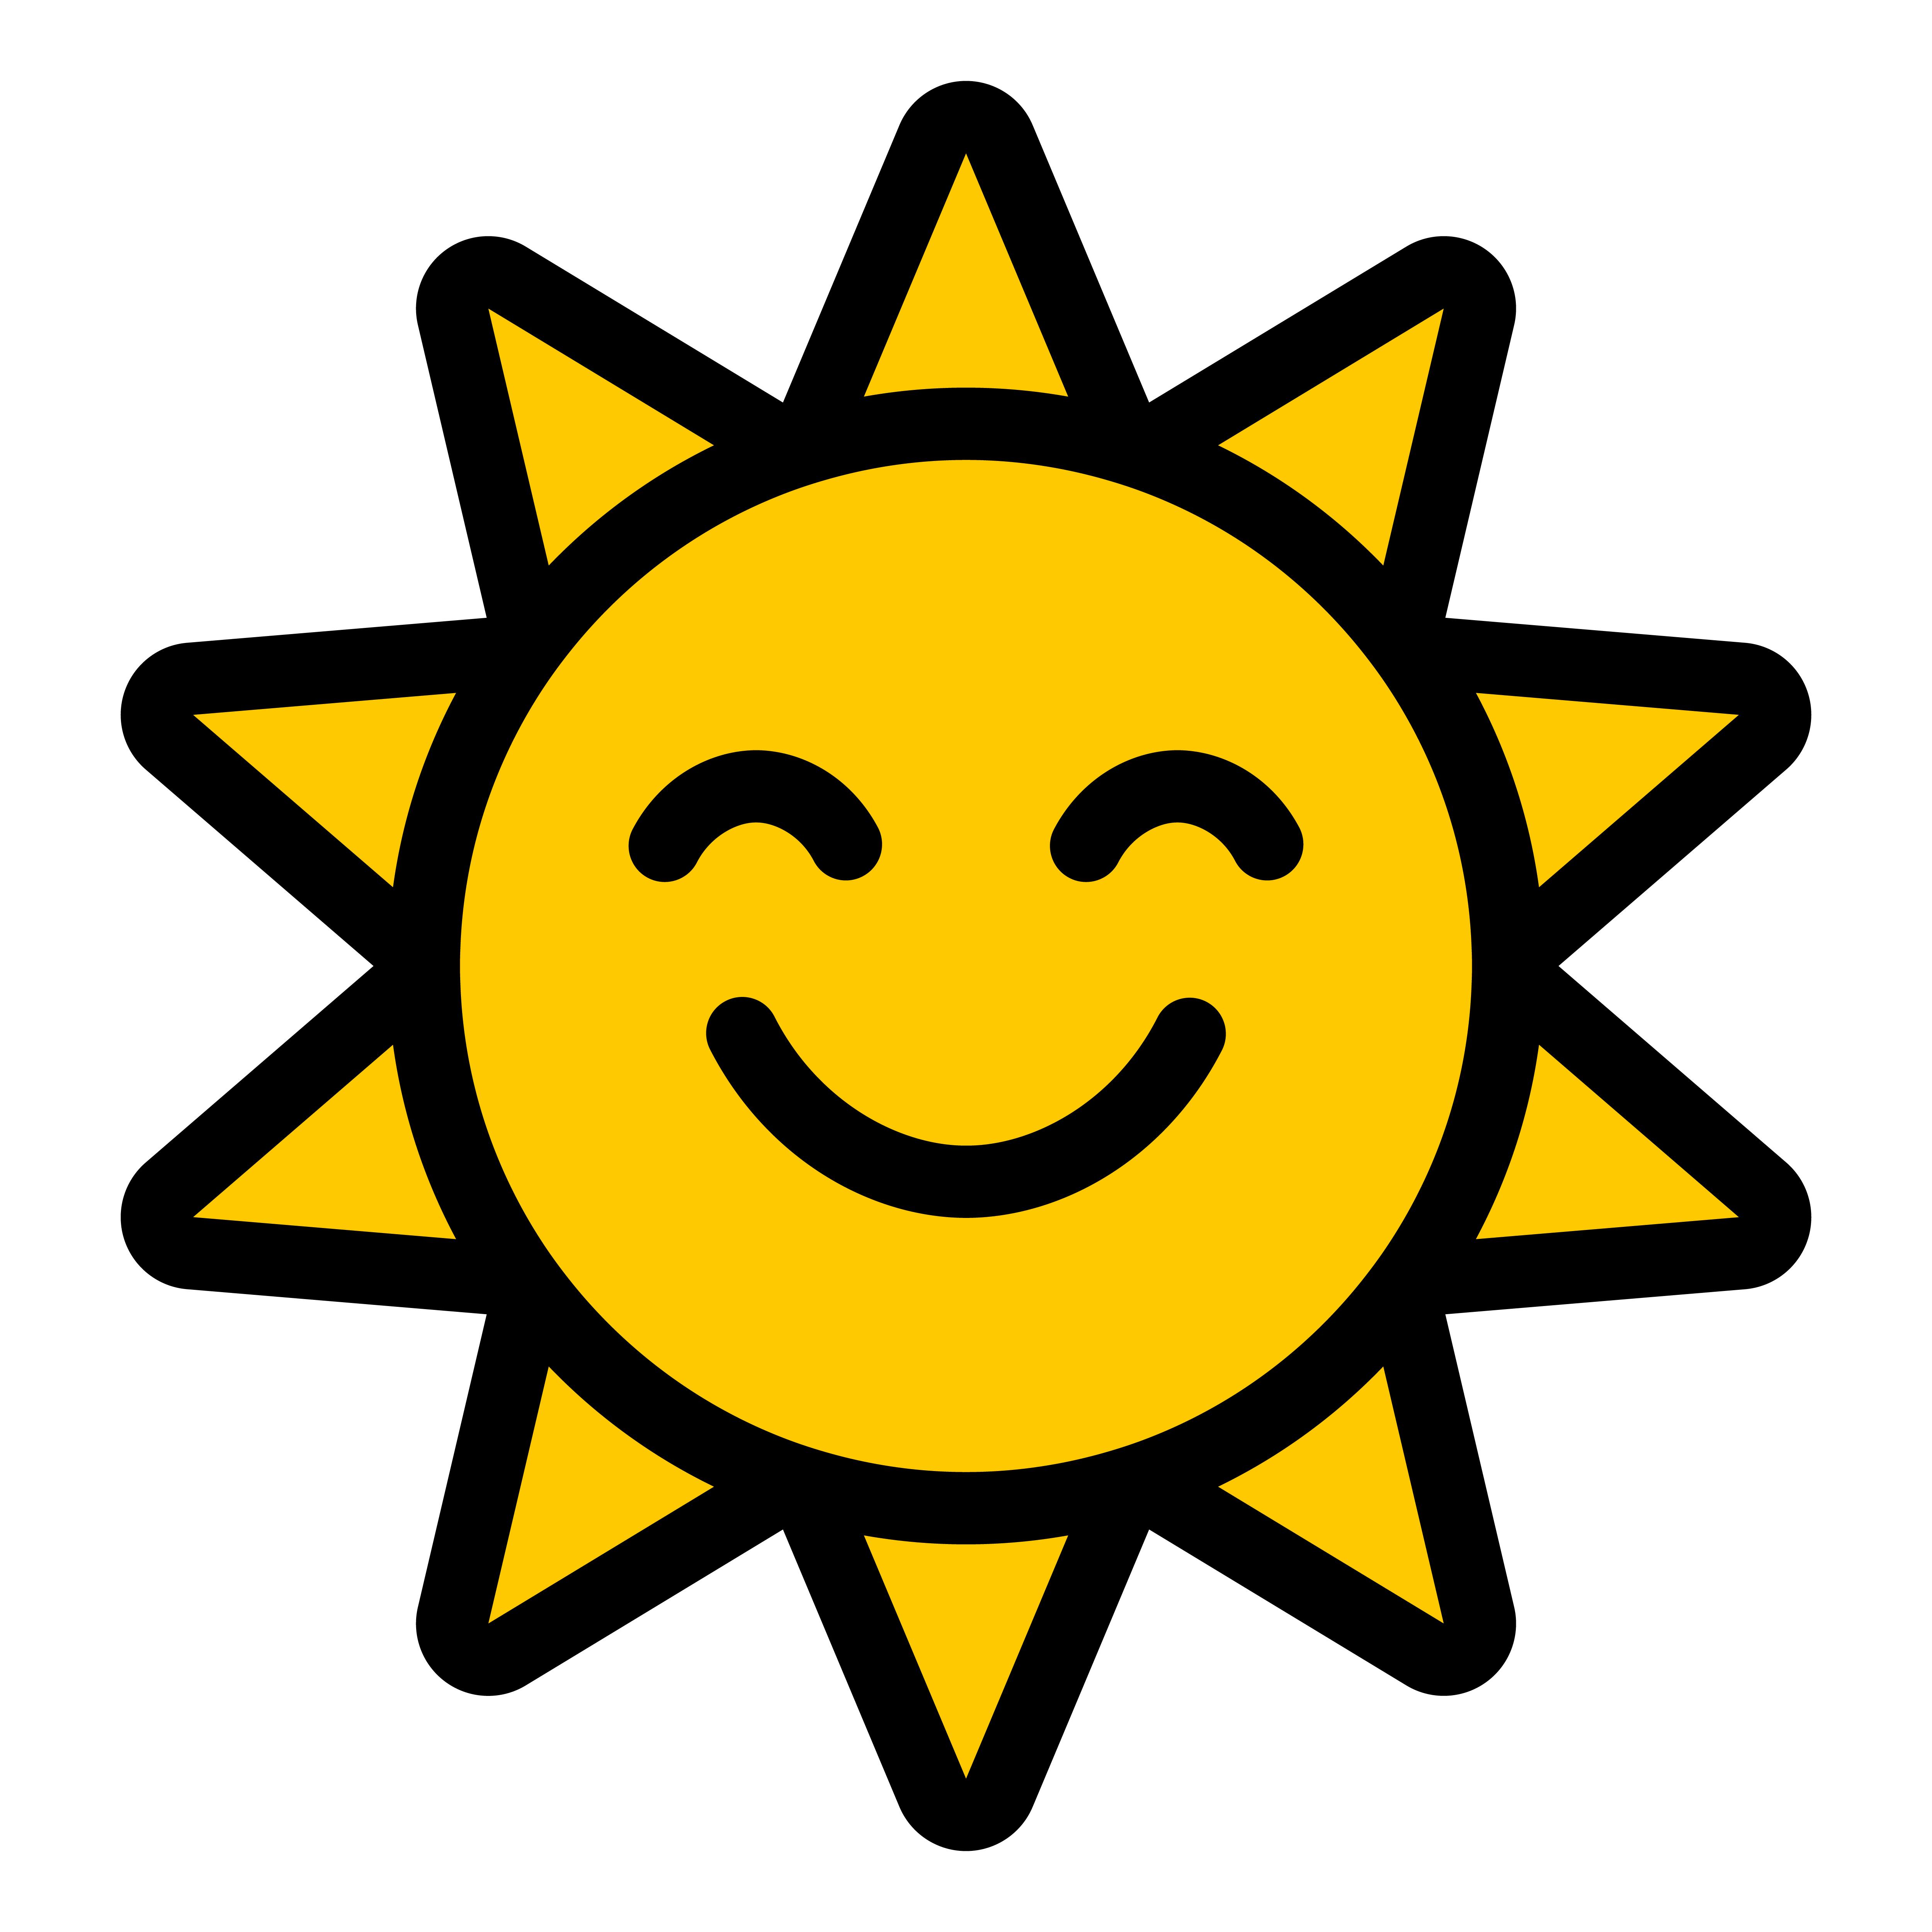 Cartoon Sun Vector - Download Free Vector Art, Stock ...